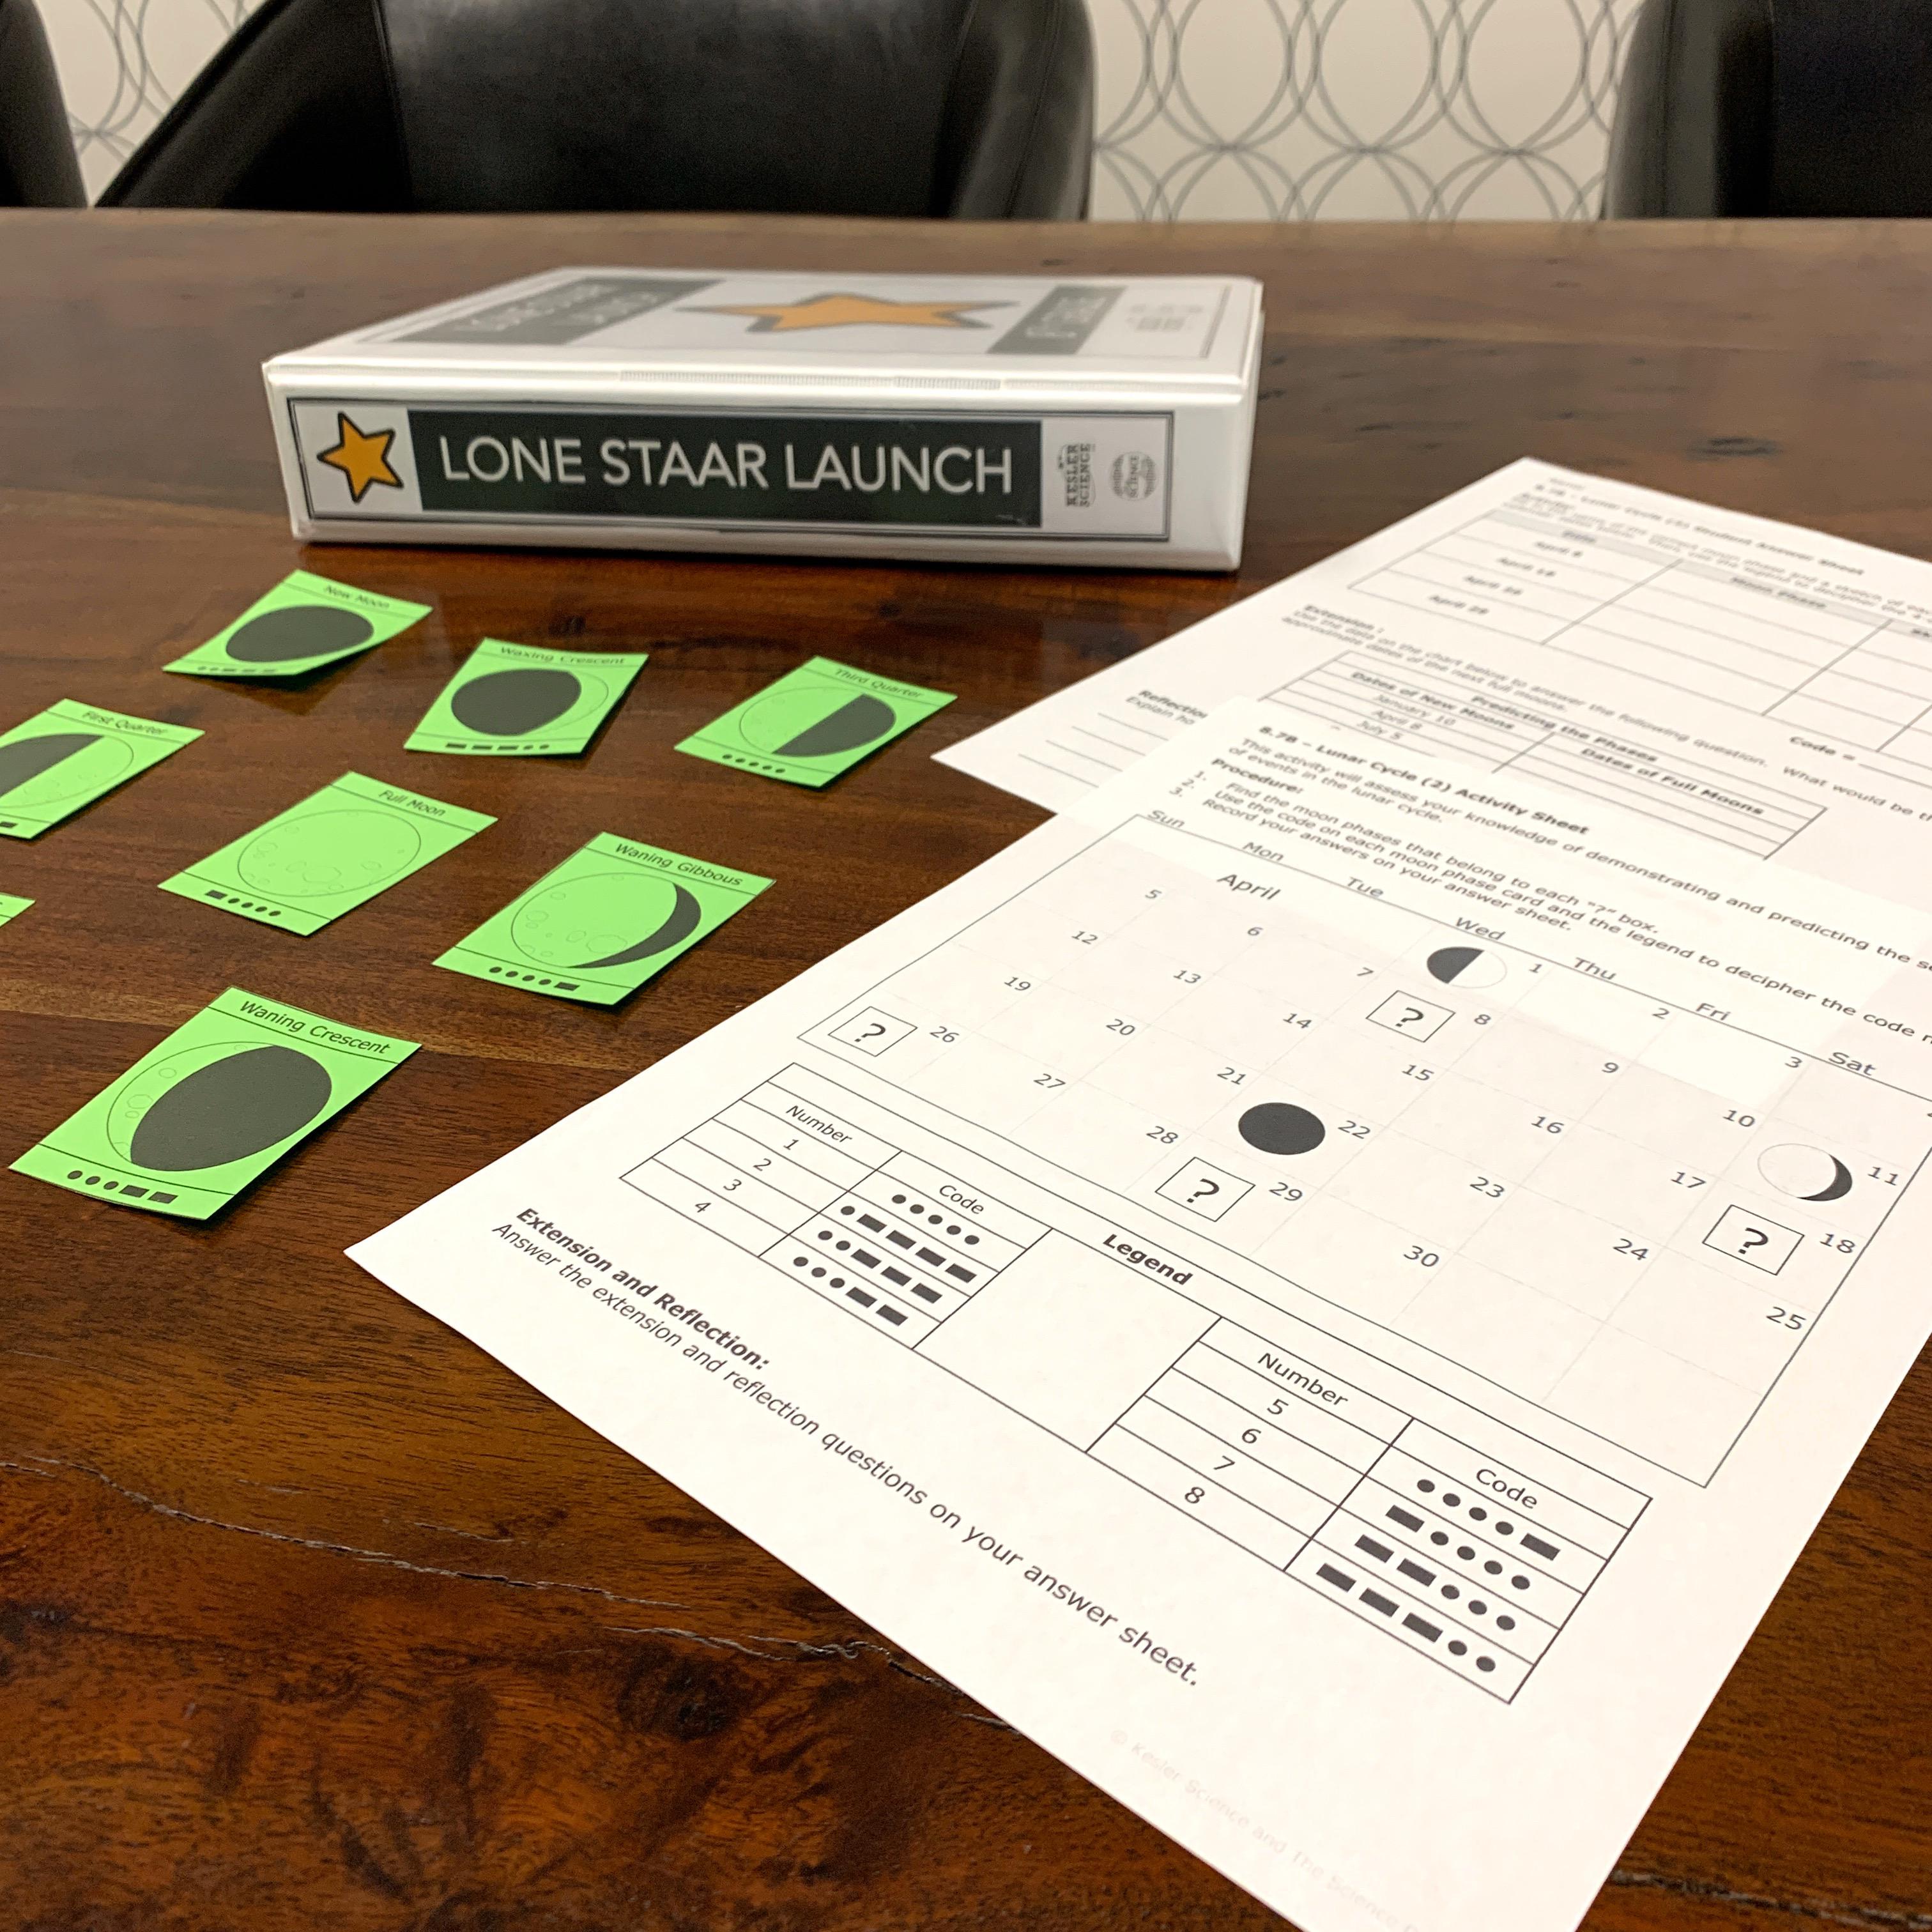 Lone STAAR Launch